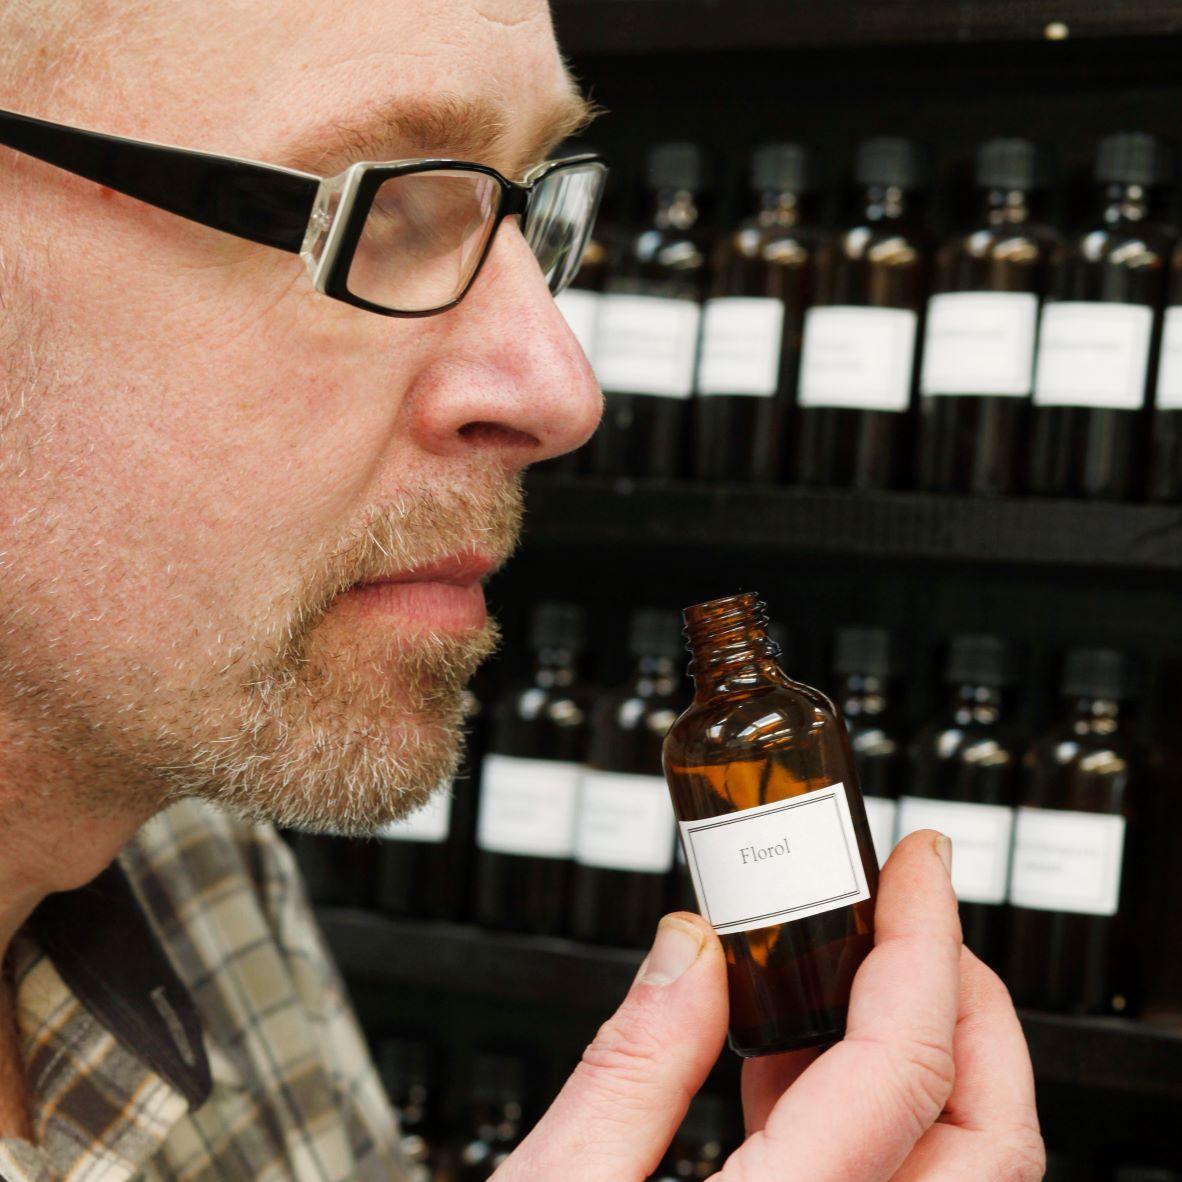 ブランド創業者であり、化学者・調香師である、エーロ・ヴァンティネン氏は、まさに「OSMIA」の持ち主|バスルームがフィンランドの森になる、「白樺の若葉」と「森の土」の香りのボディーソープ|OSMIA(オスミア)